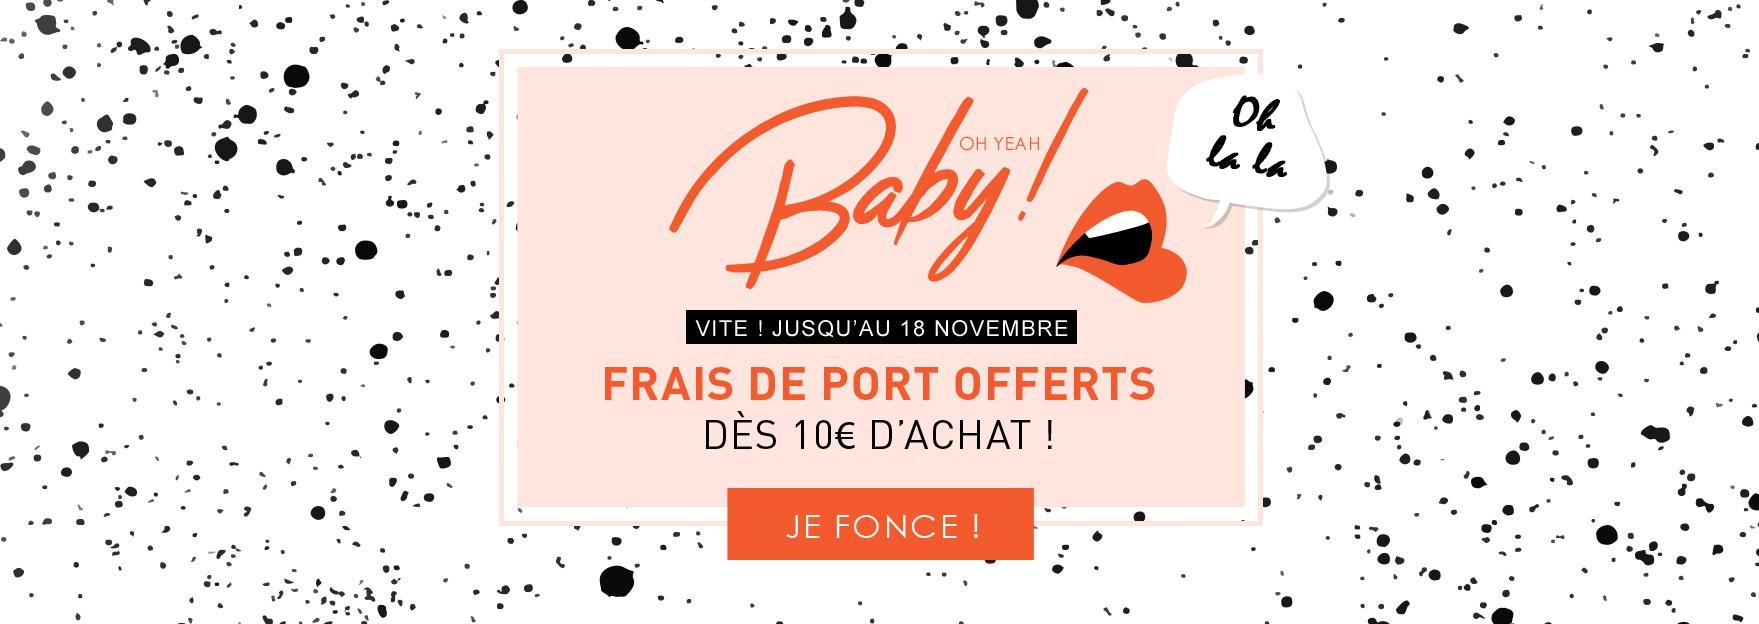 Frais de port offerts dès 10€ d'achat jusqu'au 18 novembre